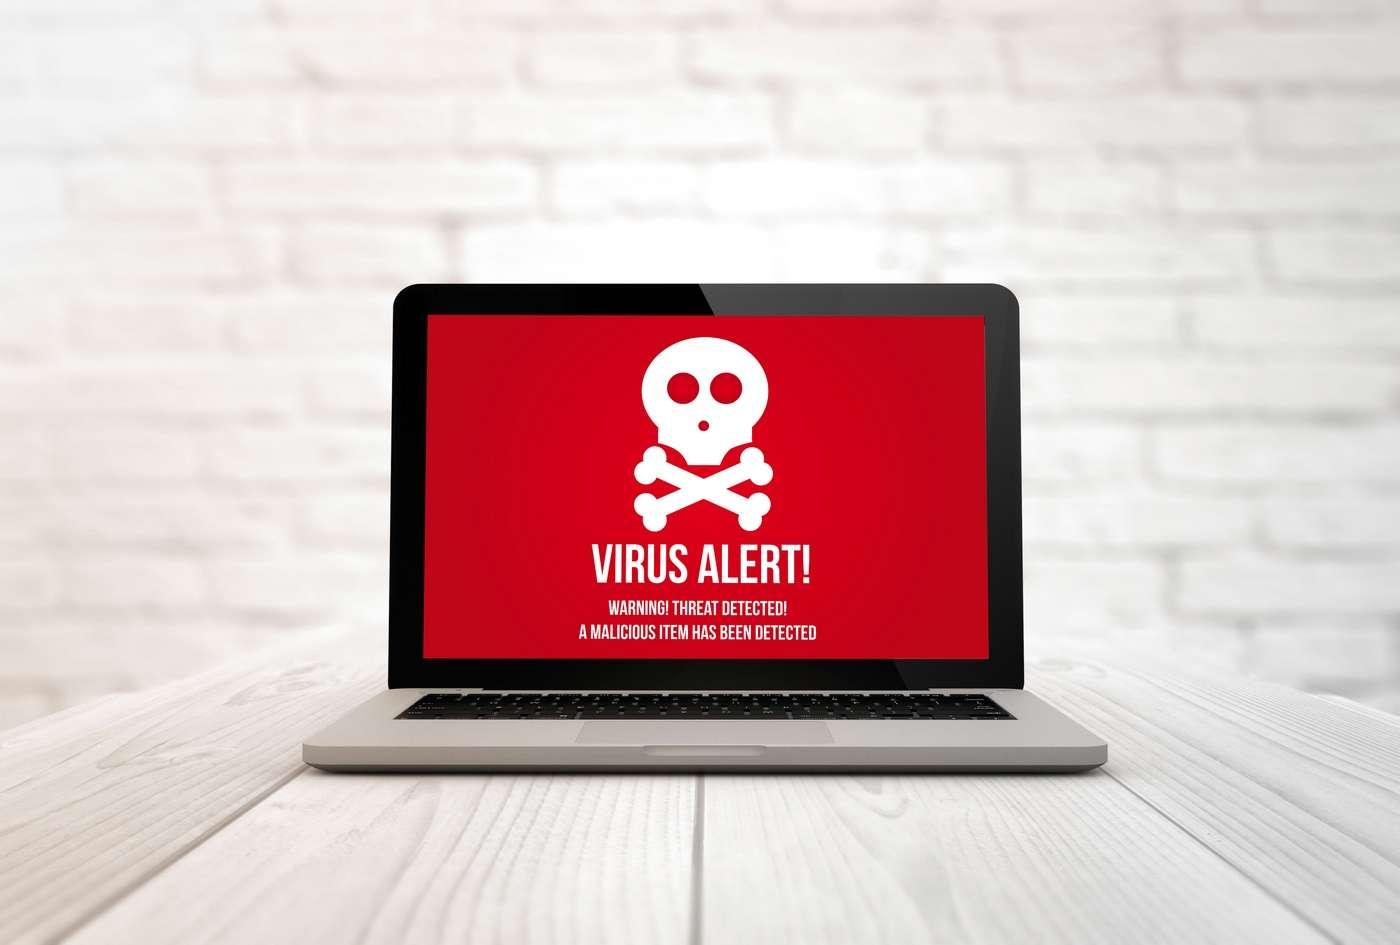 Ce n'est pas parce qu'il ne vous dit rien que votre antivirus ne veille pas au grain. © Georgejmclittle, Shutterstock